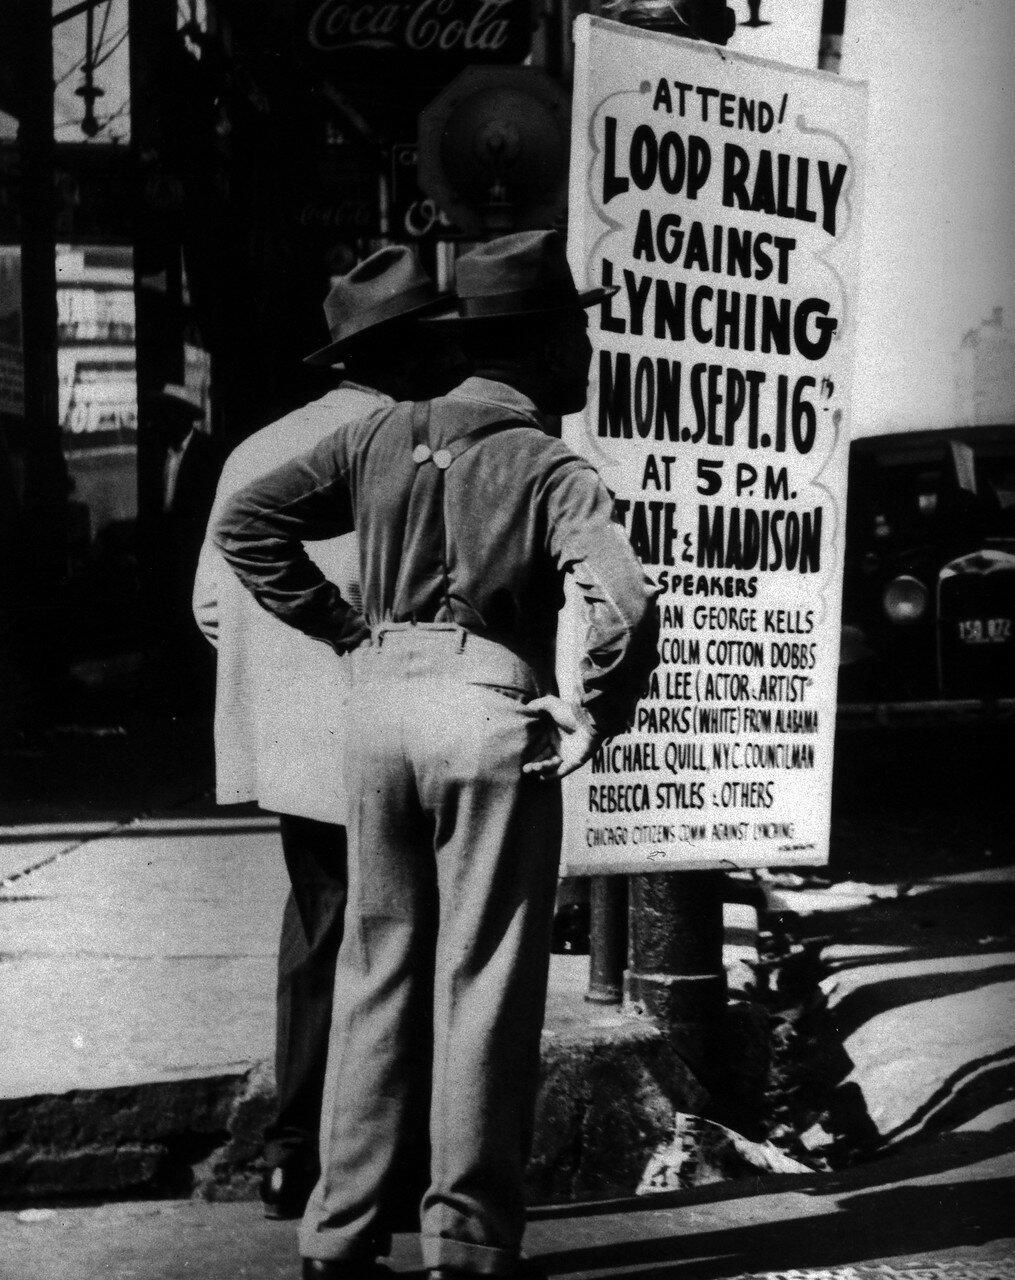 1946. Август. Объявление о митинге против линчеваний